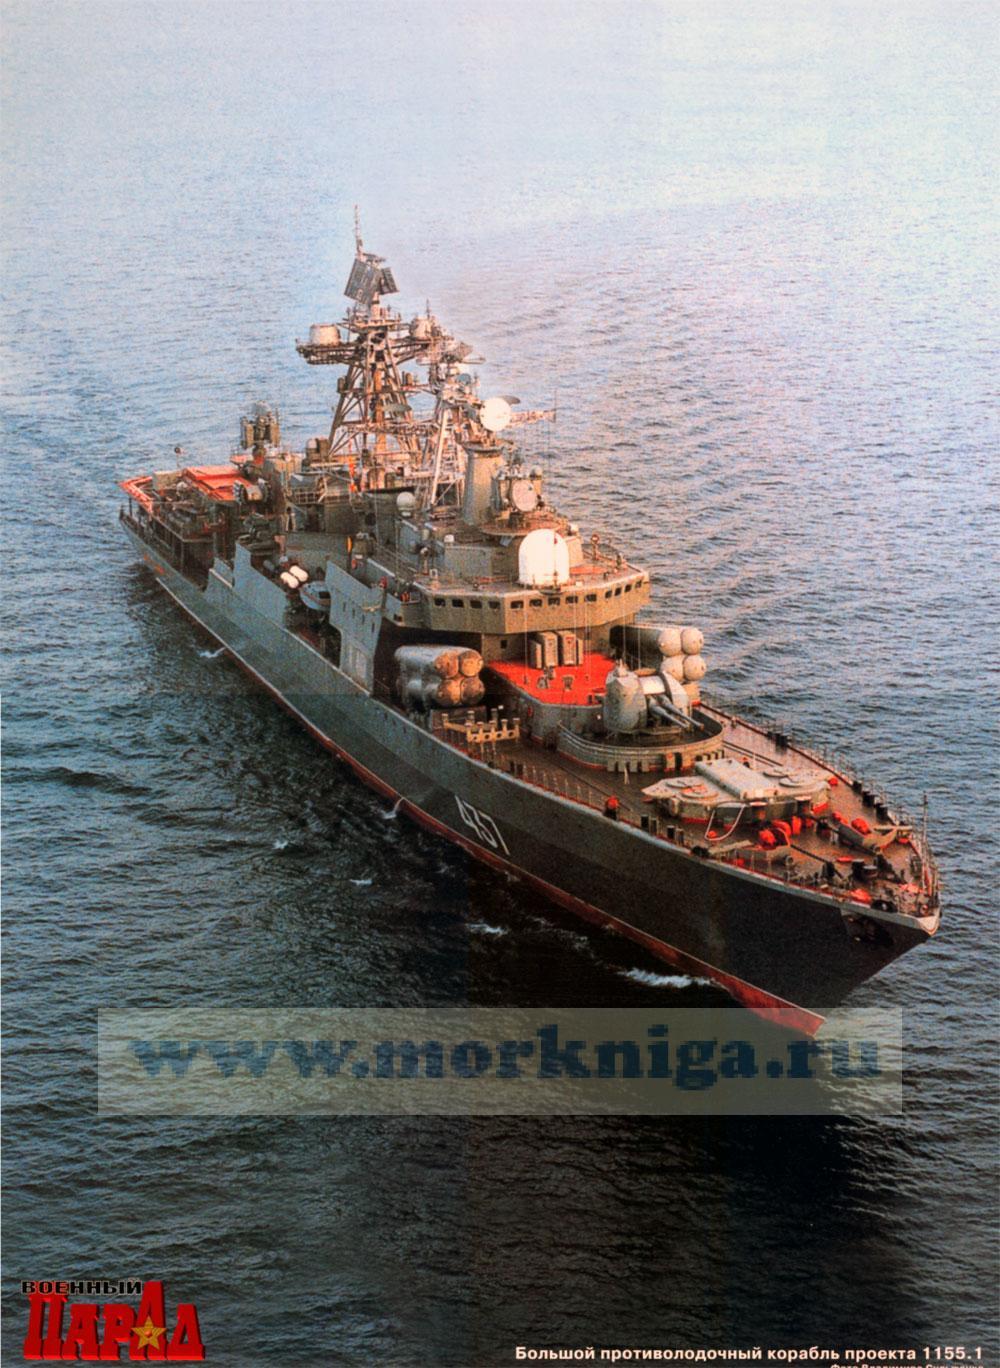 Большой противолодочный корабль проектта 1155.1. Постер